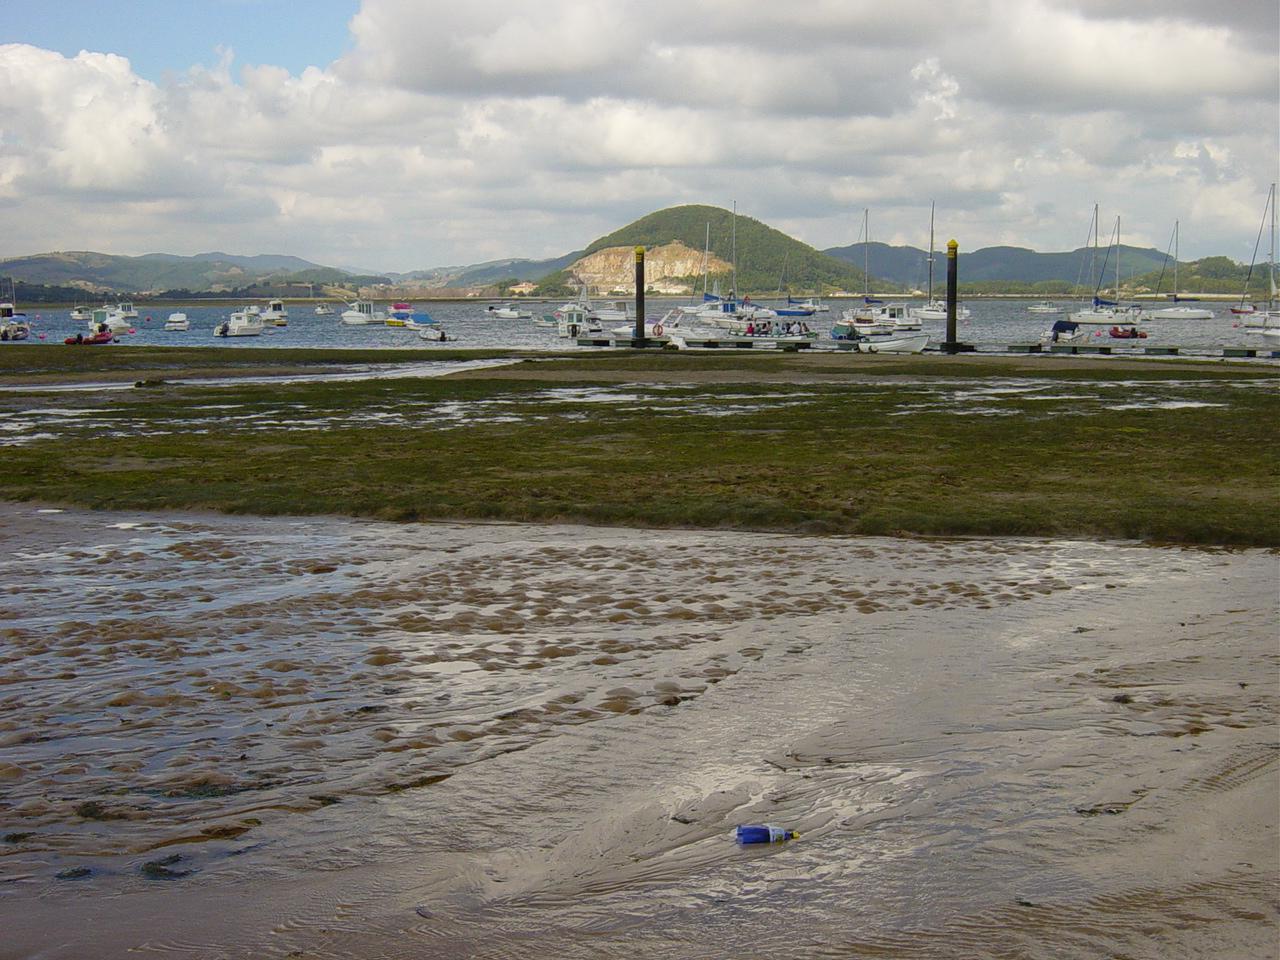 Playa La Veneziola